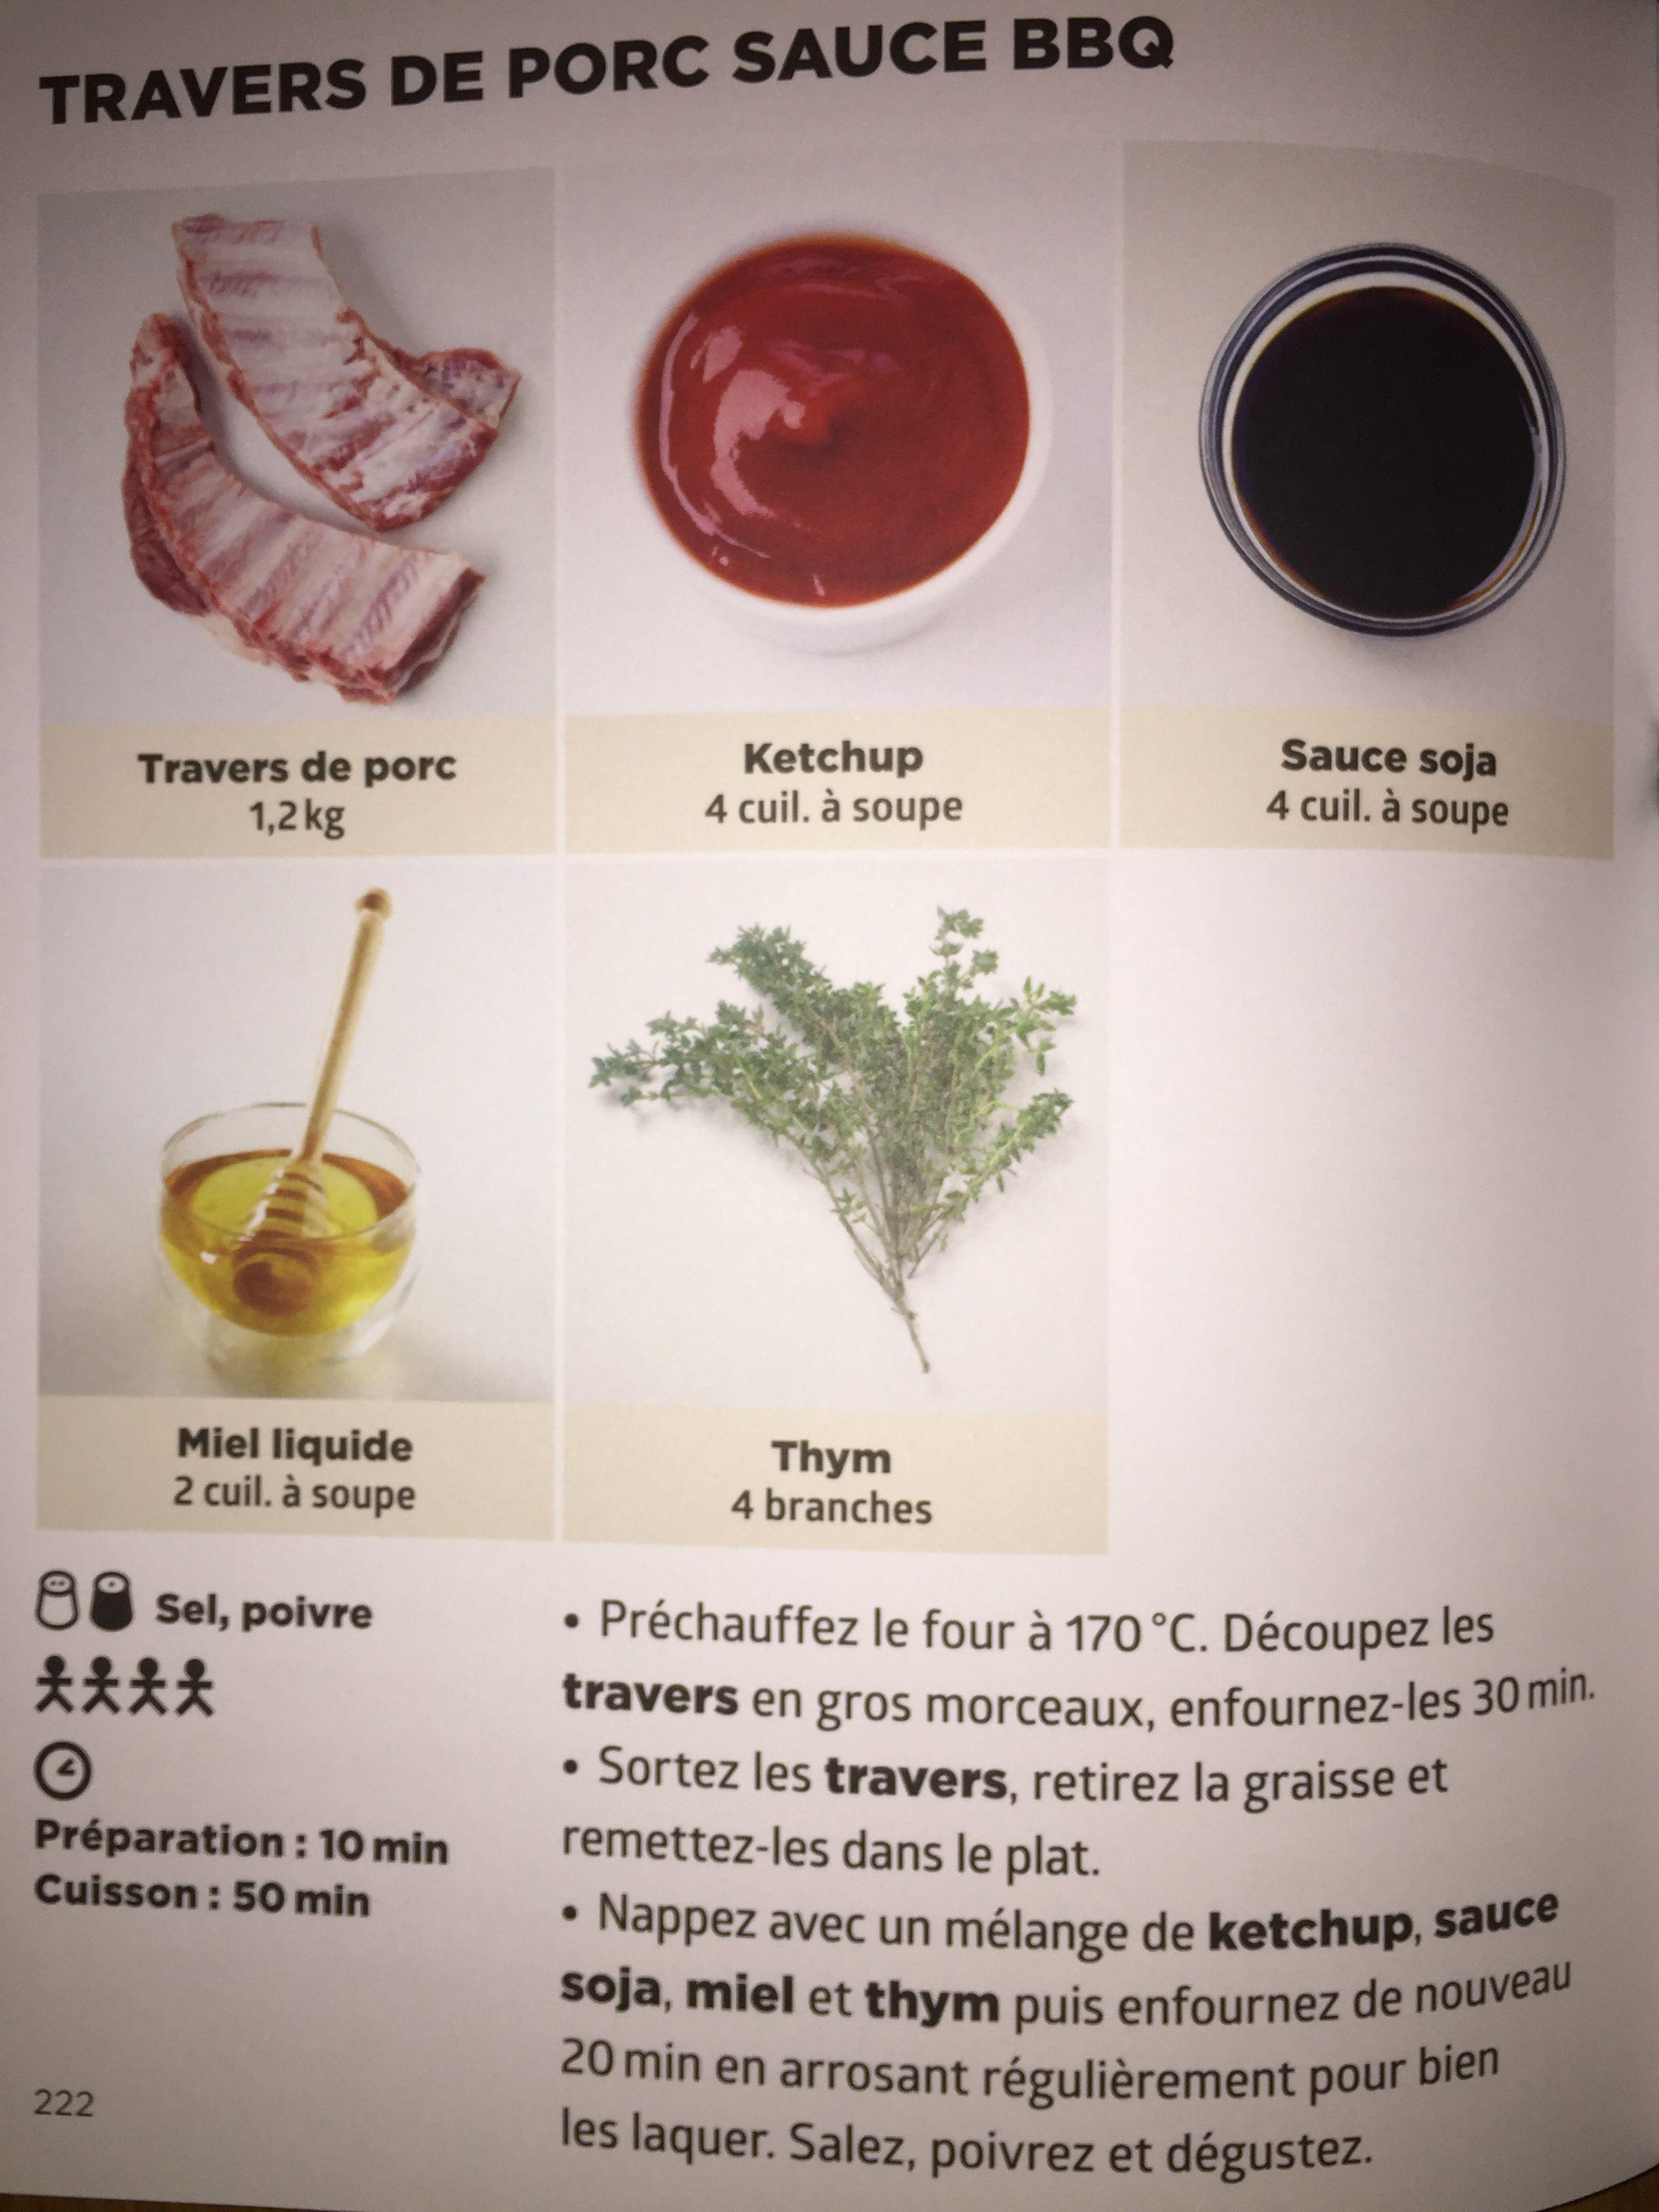 Travers de porc sauce bbq recette de j f mallet simplissime recettes en 2019 recipes - Cuisiner travers de porc ...